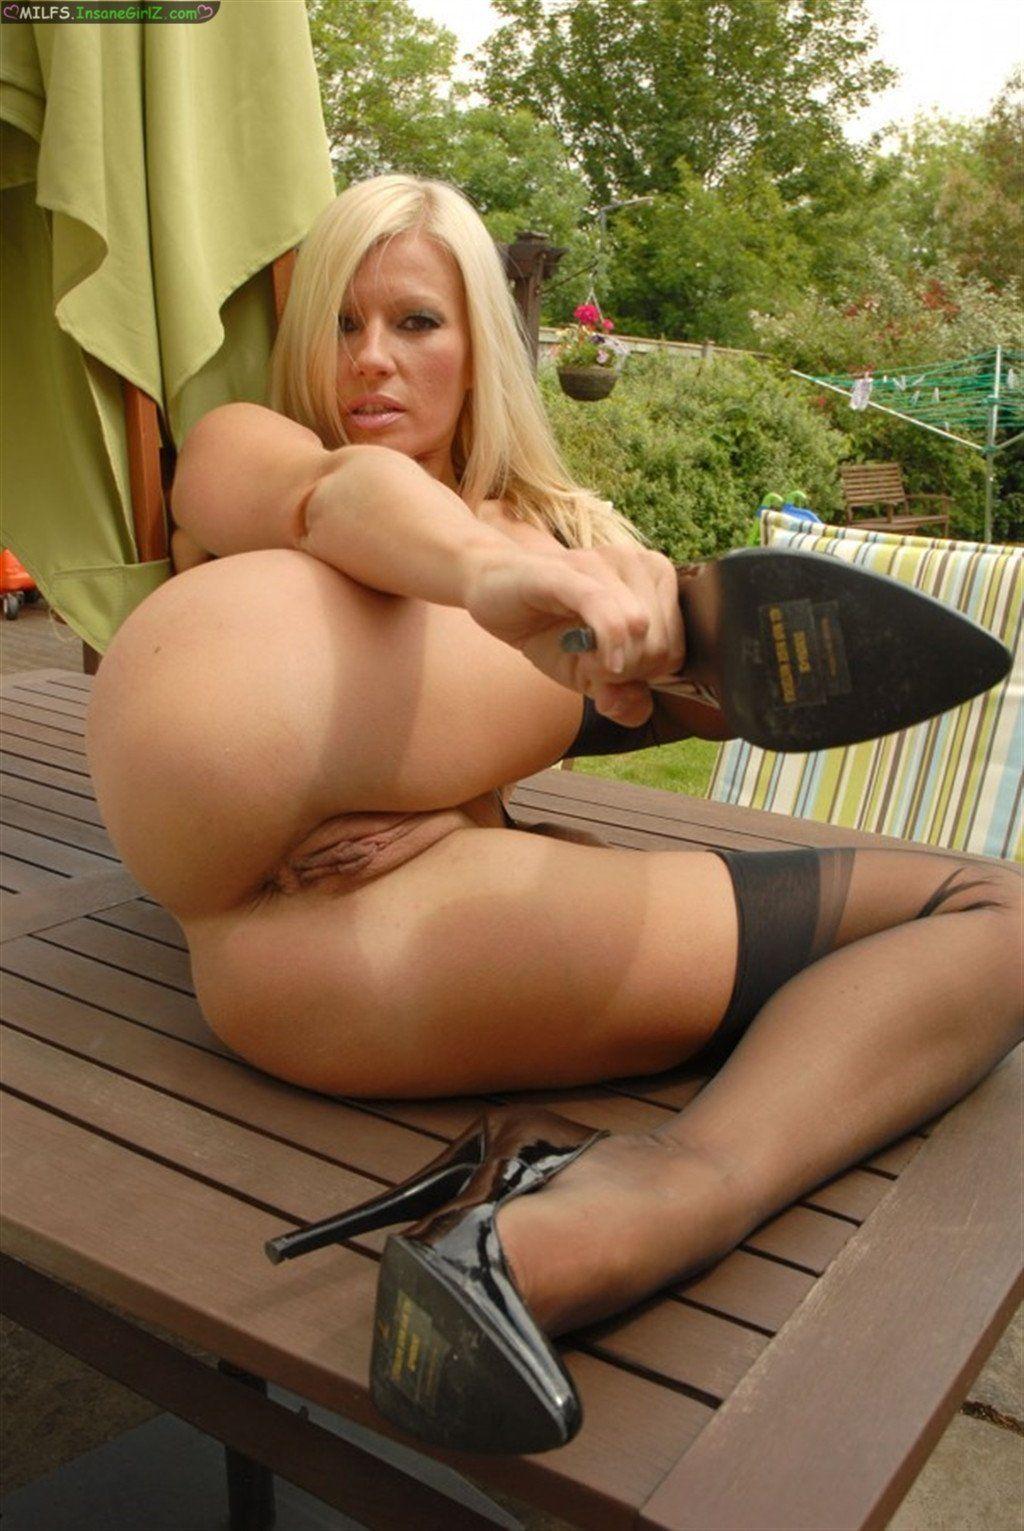 Amateur Porn Housewife amateur porn horny house wife sluts . porn images.